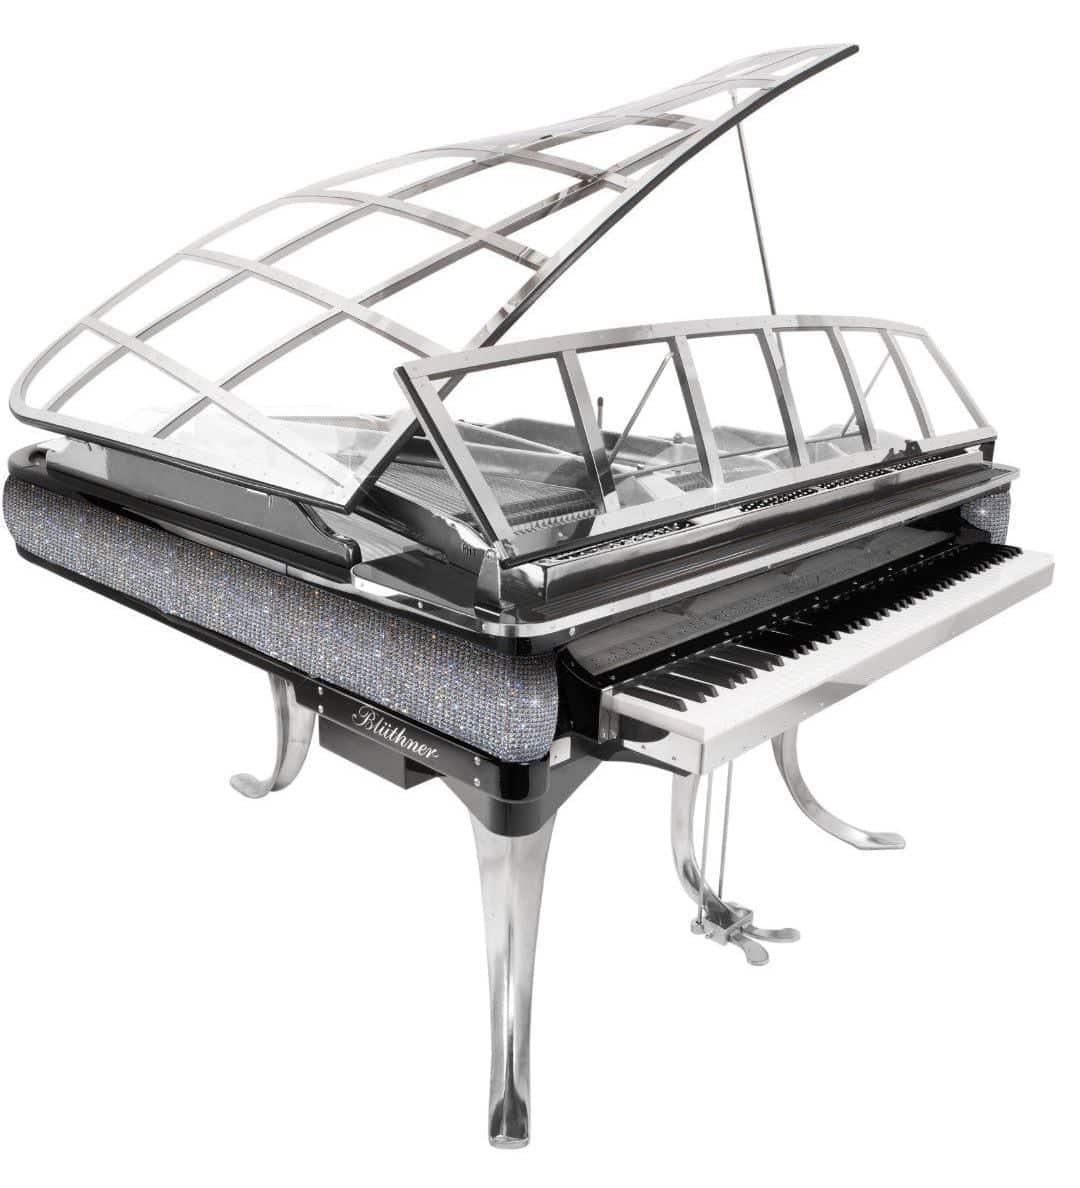 Bluthner PH swarovski crystals piano